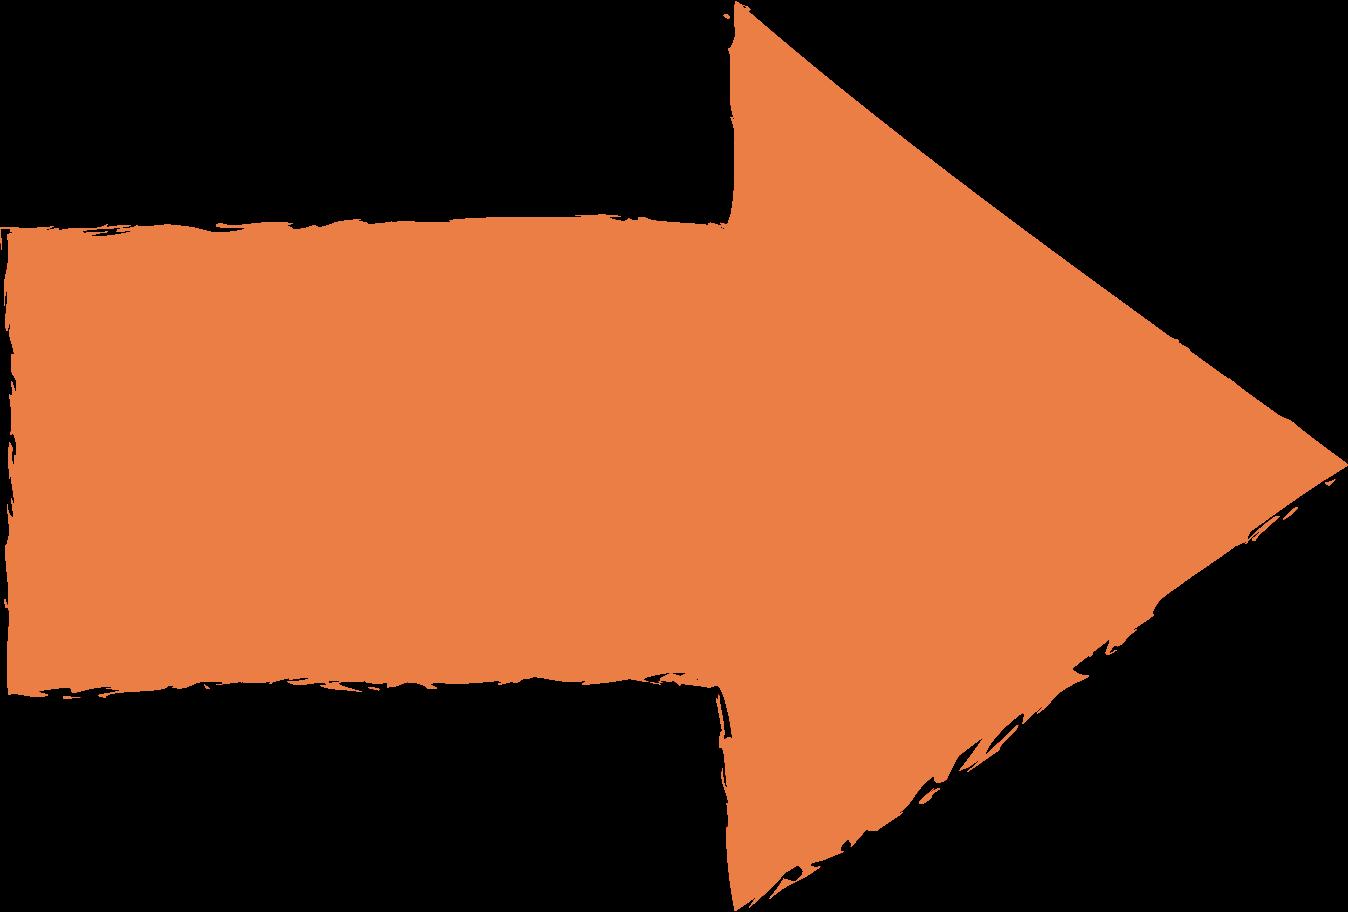 arrow-orange Clipart illustration in PNG, SVG